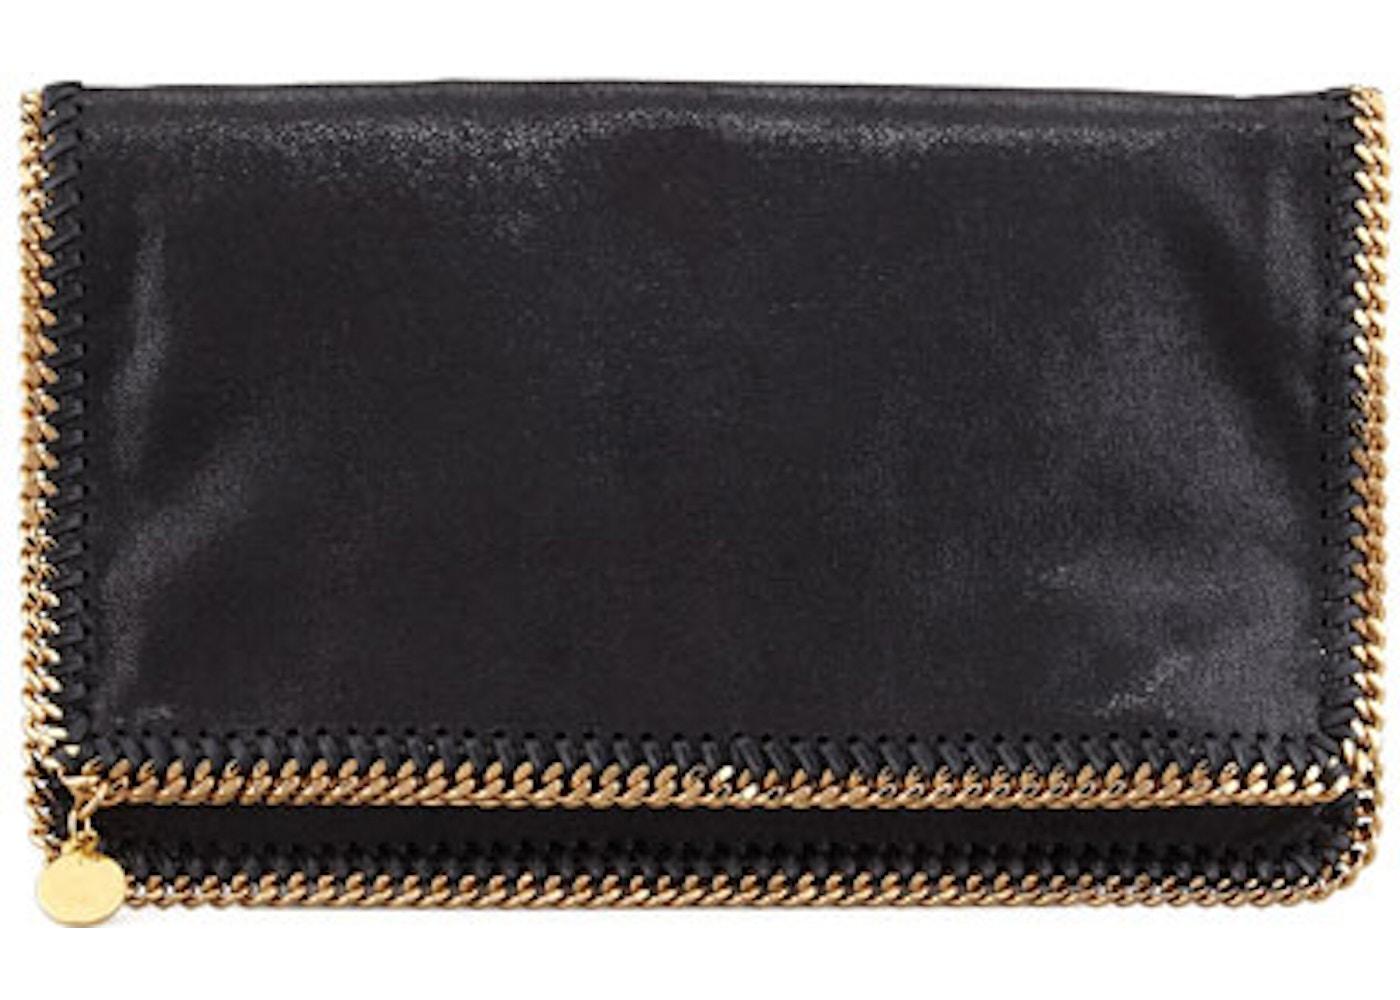 d66c7ef87f Stella McCartney Clutch Falabella Fold-Over Brushed Black. Brushed Black